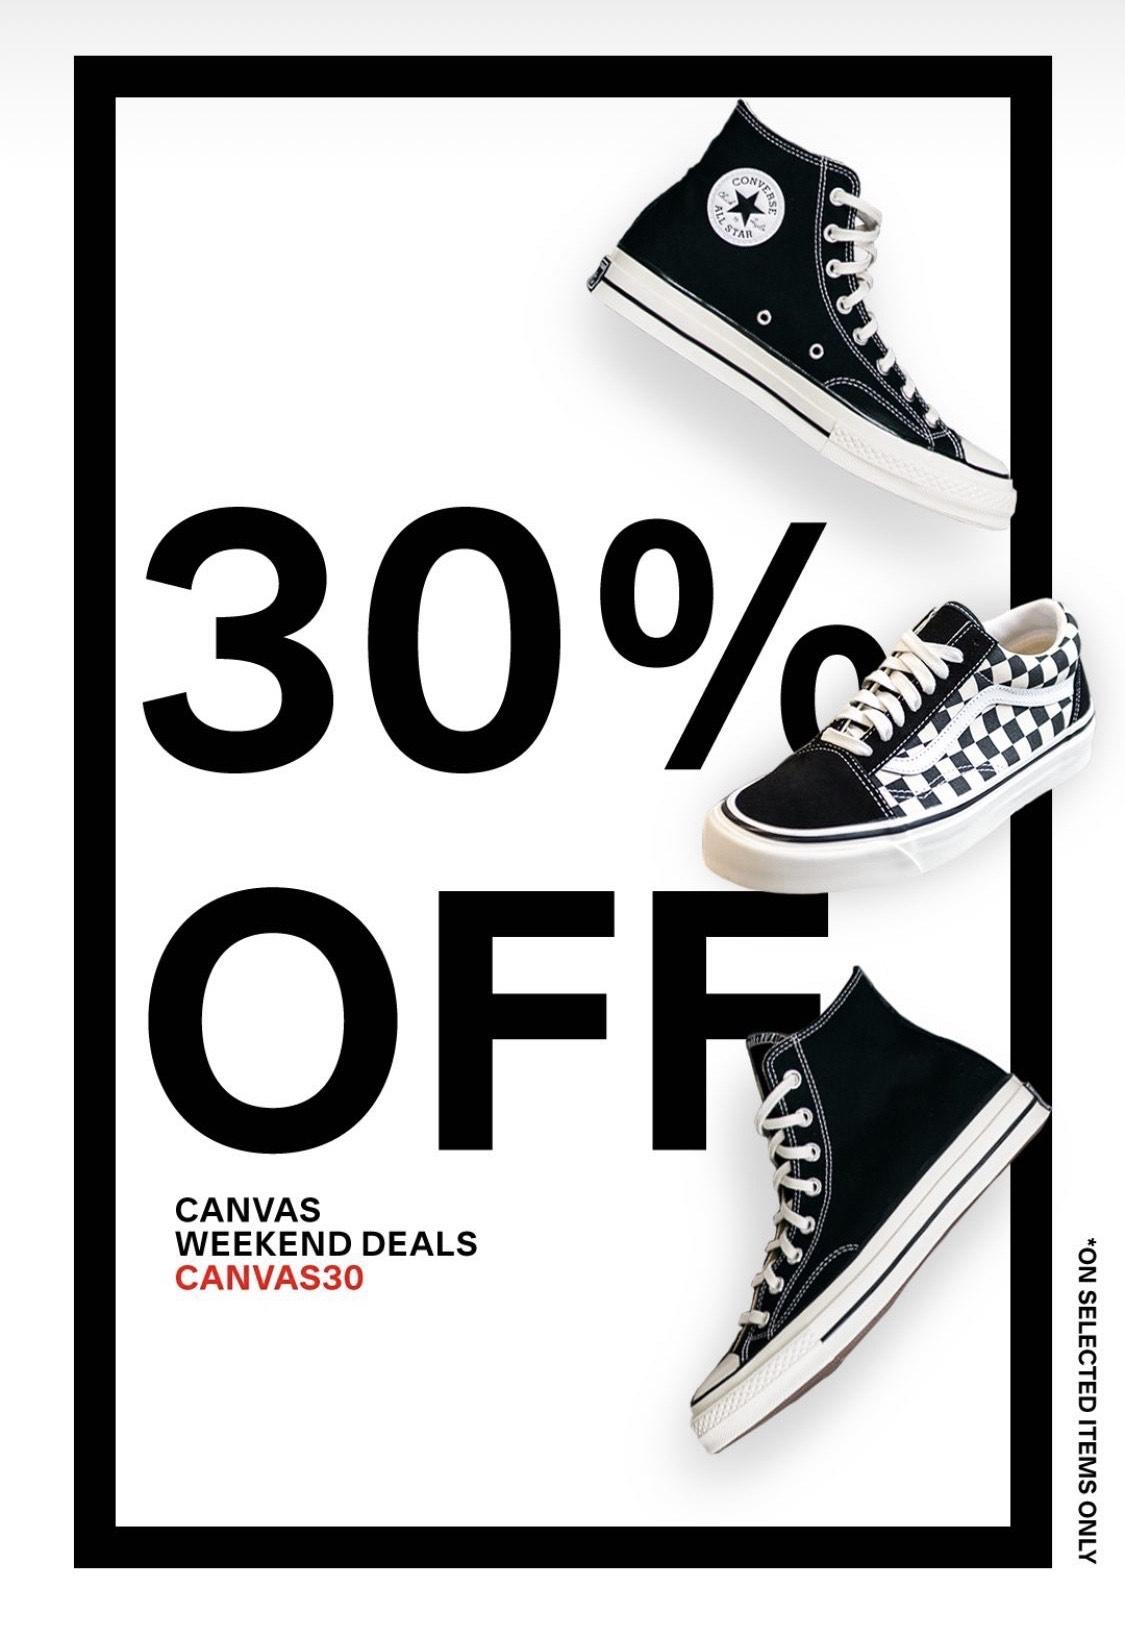 [Kickz] 30% auf Converse und Vans (Bspw. Vans - UA COMFYCUSH SK8-LOW für 50,48€ statt 68,50€ )